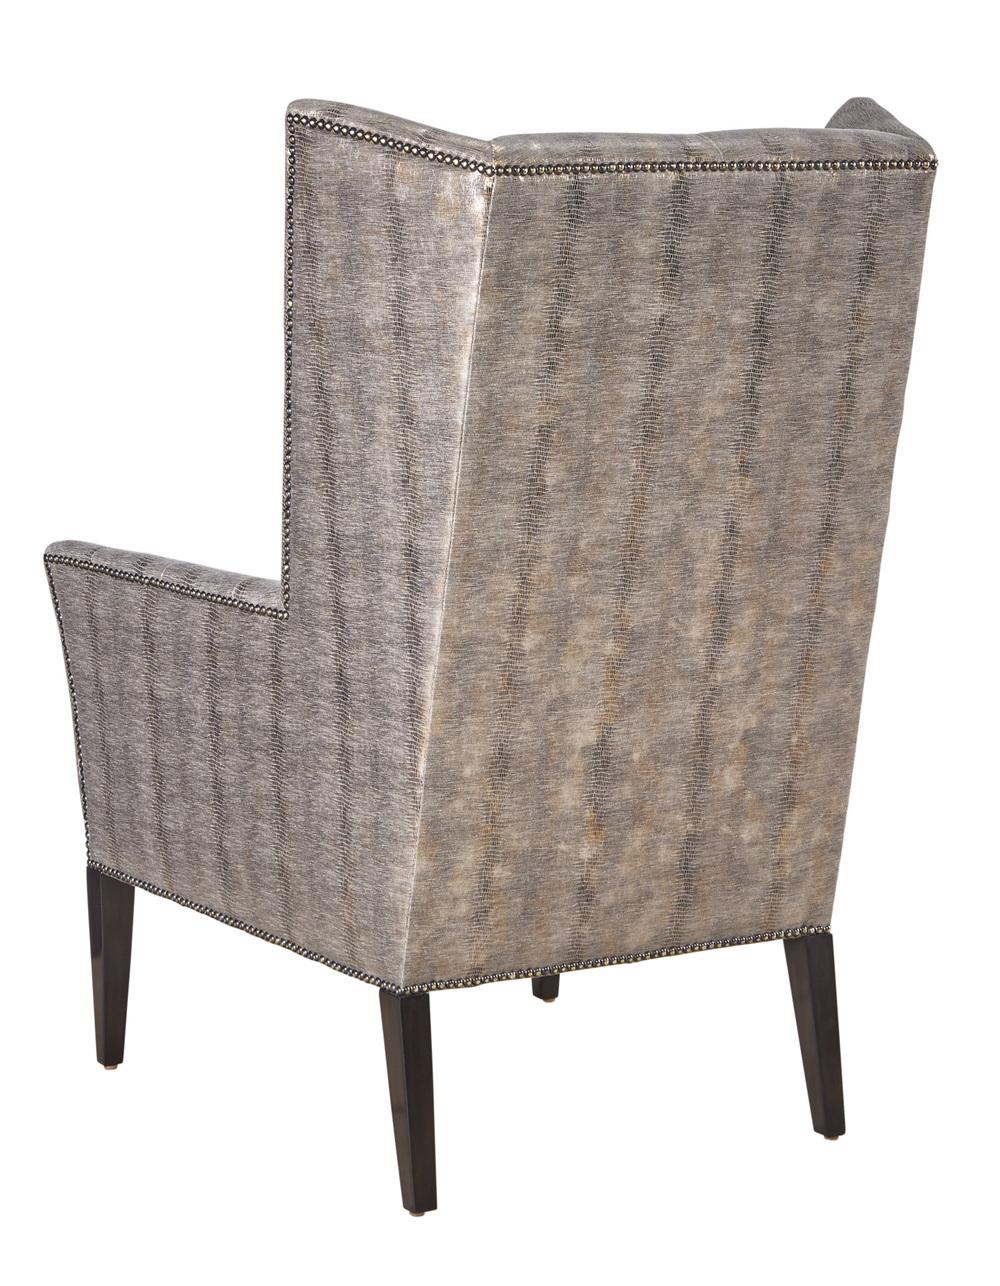 Marge Carson - Emerson Chair